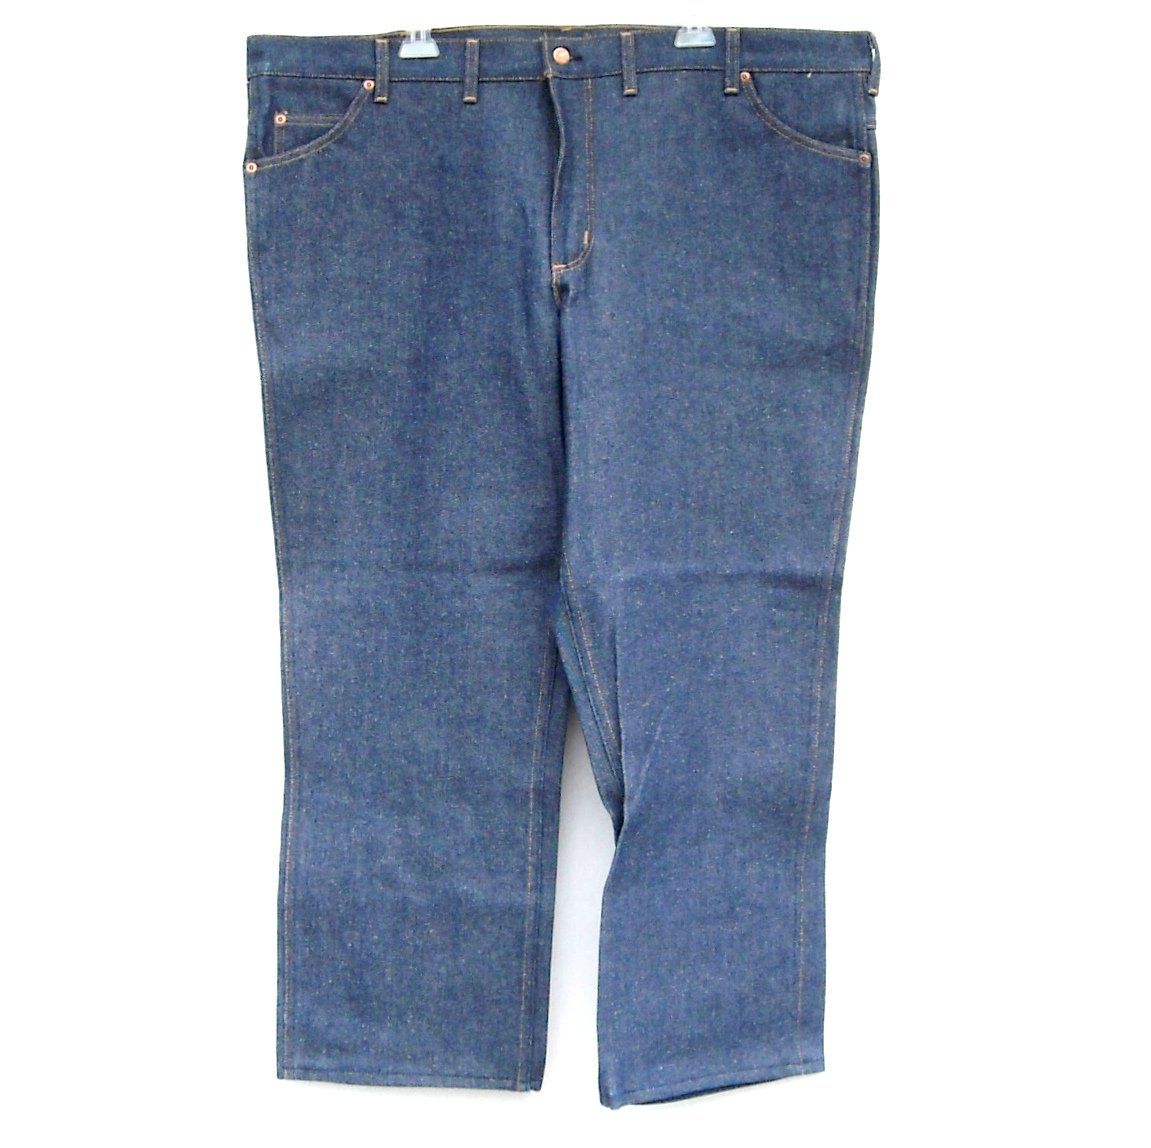 Big Mac Authentic Blue Jeans Pants Size 44 X 29